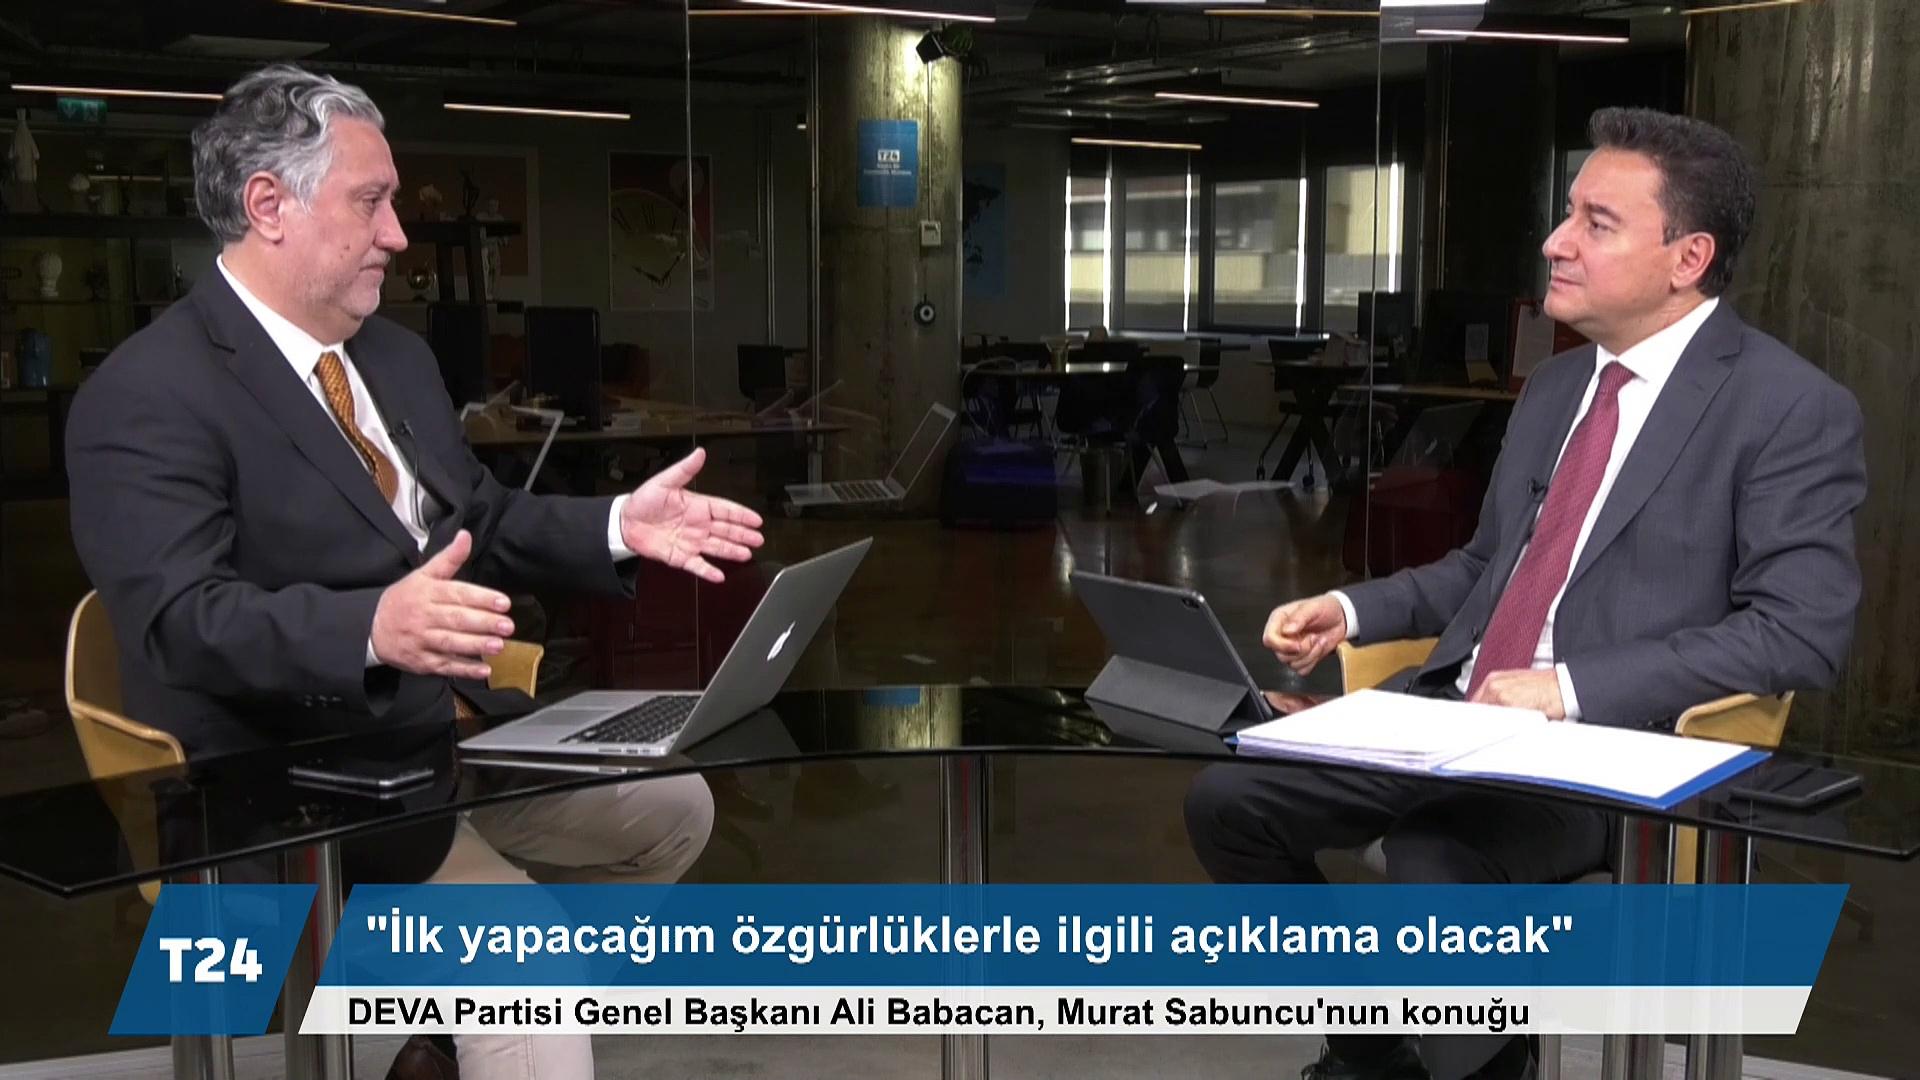 Ali Babacan: Sedat Peker videolarını izlemeye dayanamıyorum, Türkiye 1990'lardaki karanlığa döndü; Cumhurbaşkanı'na meydan okuyorum, çarşı pazarı bir dolaşsın!